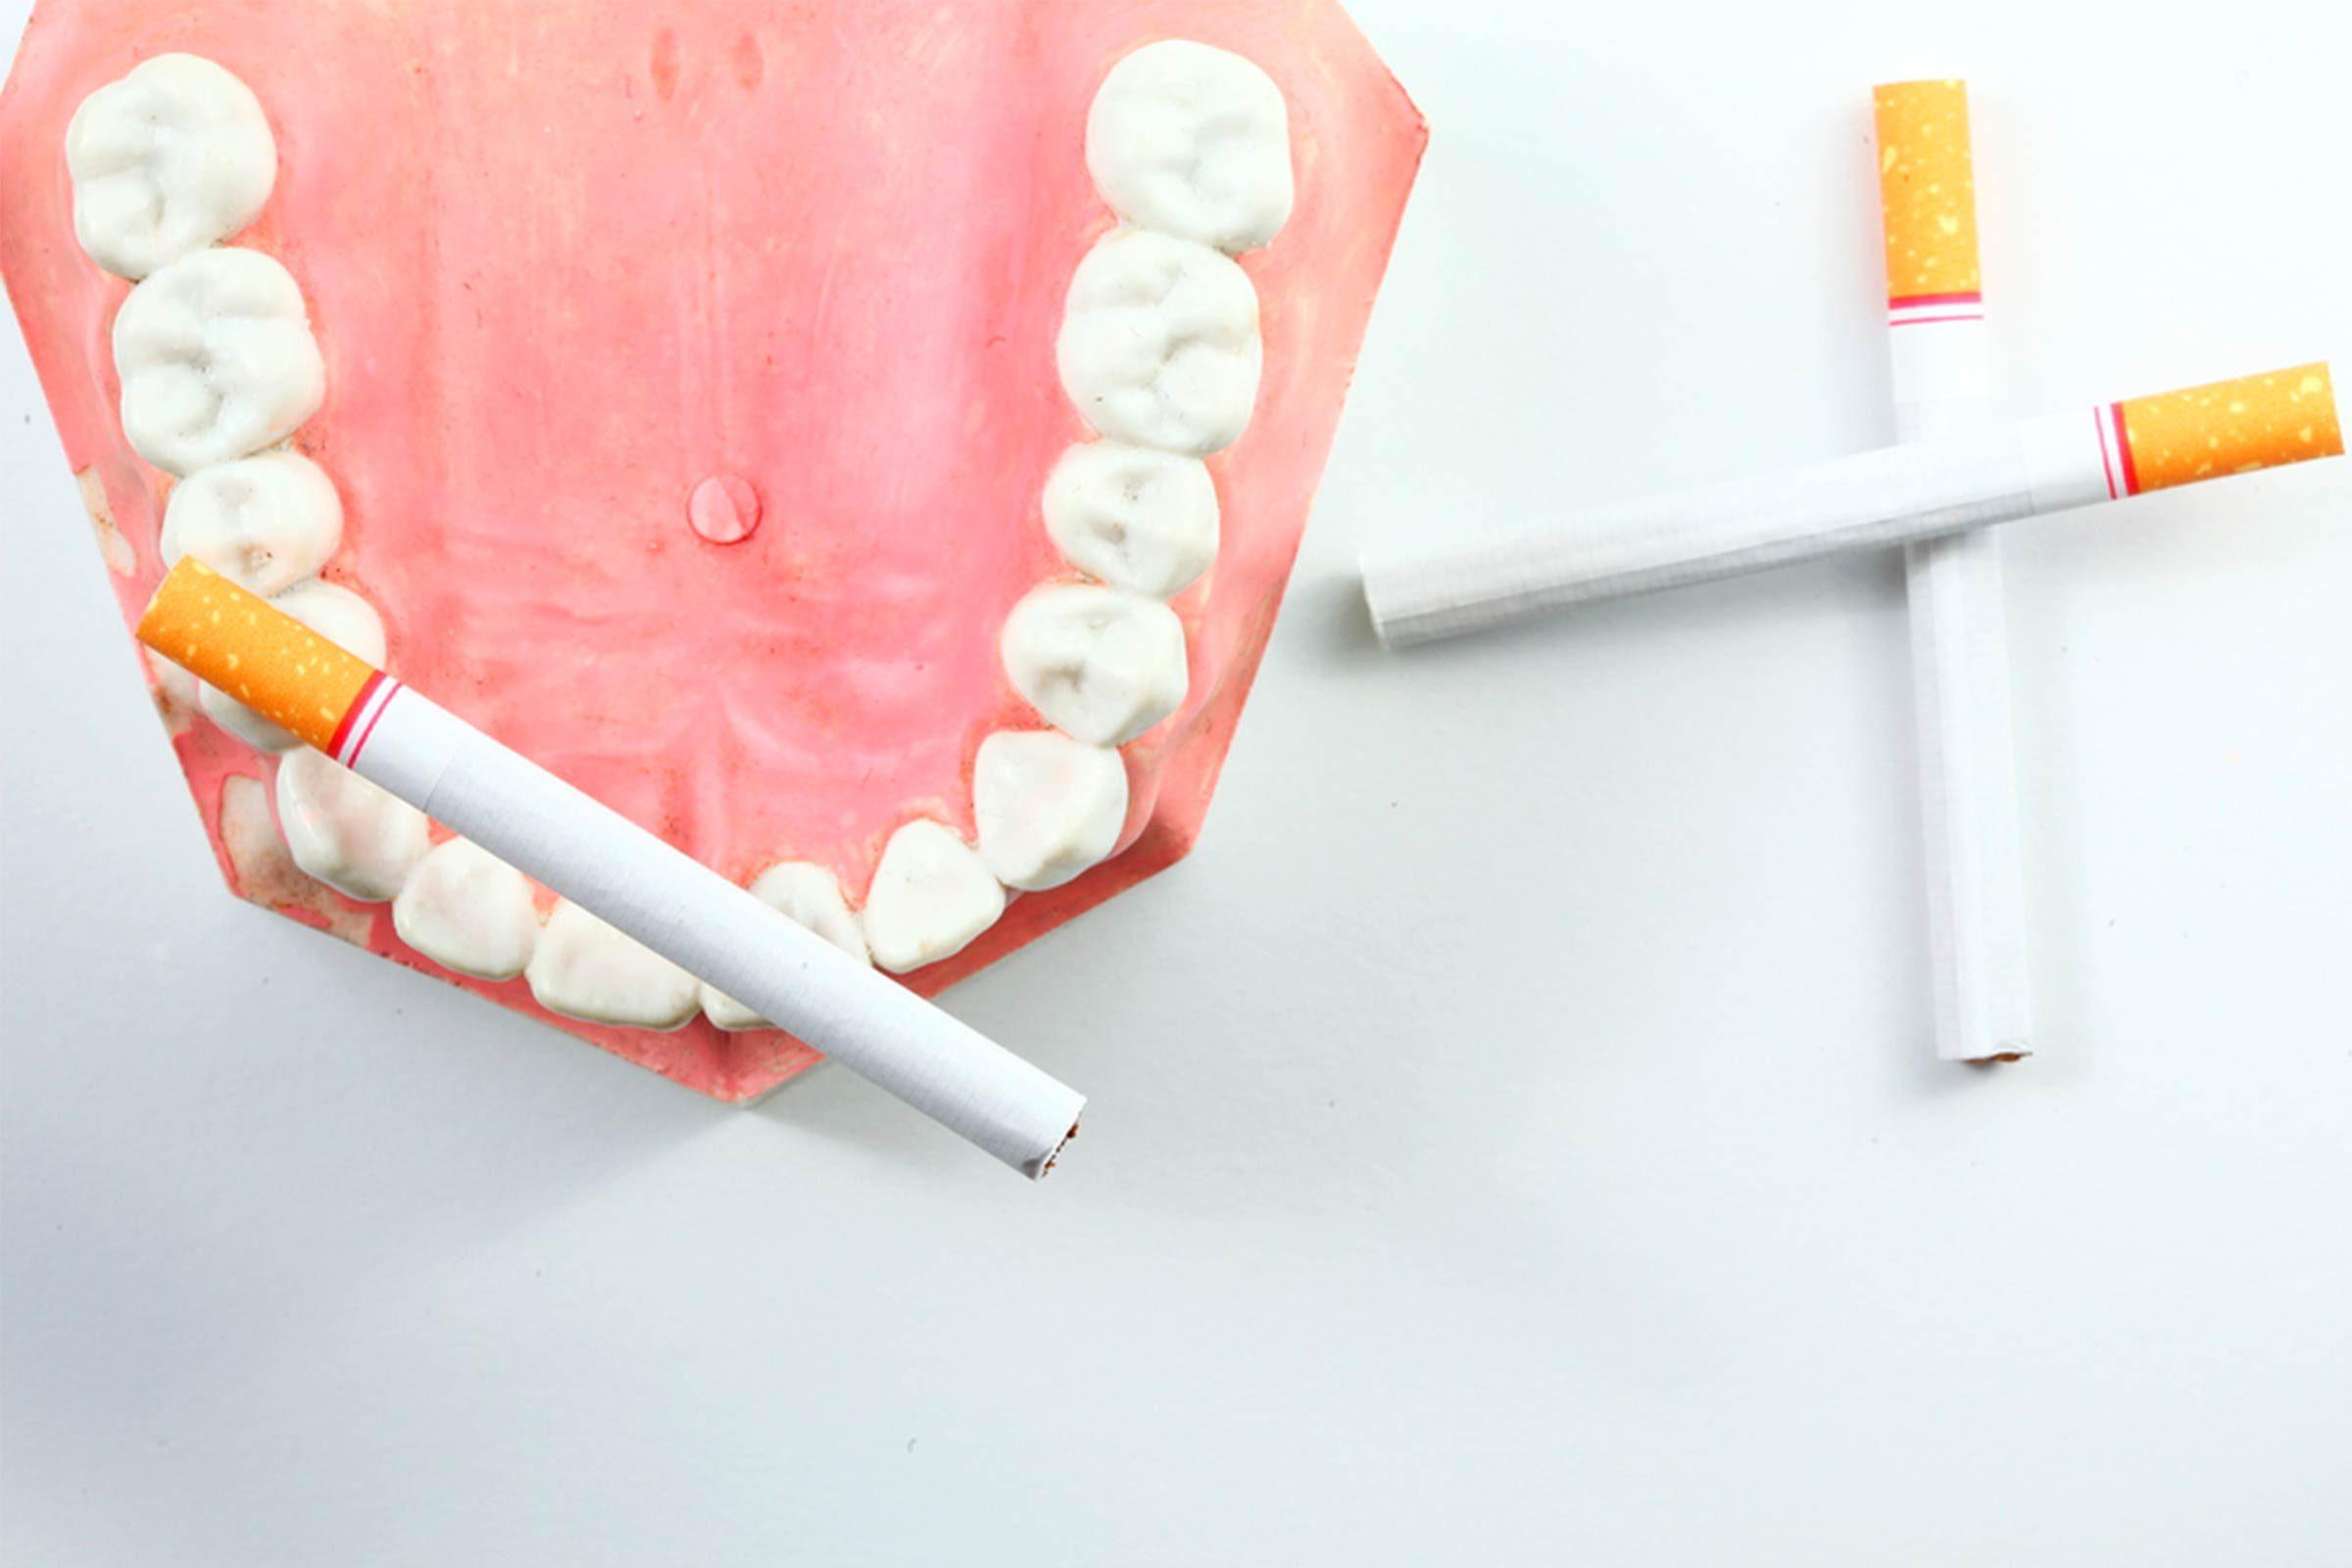 fake teeth and cigarettes